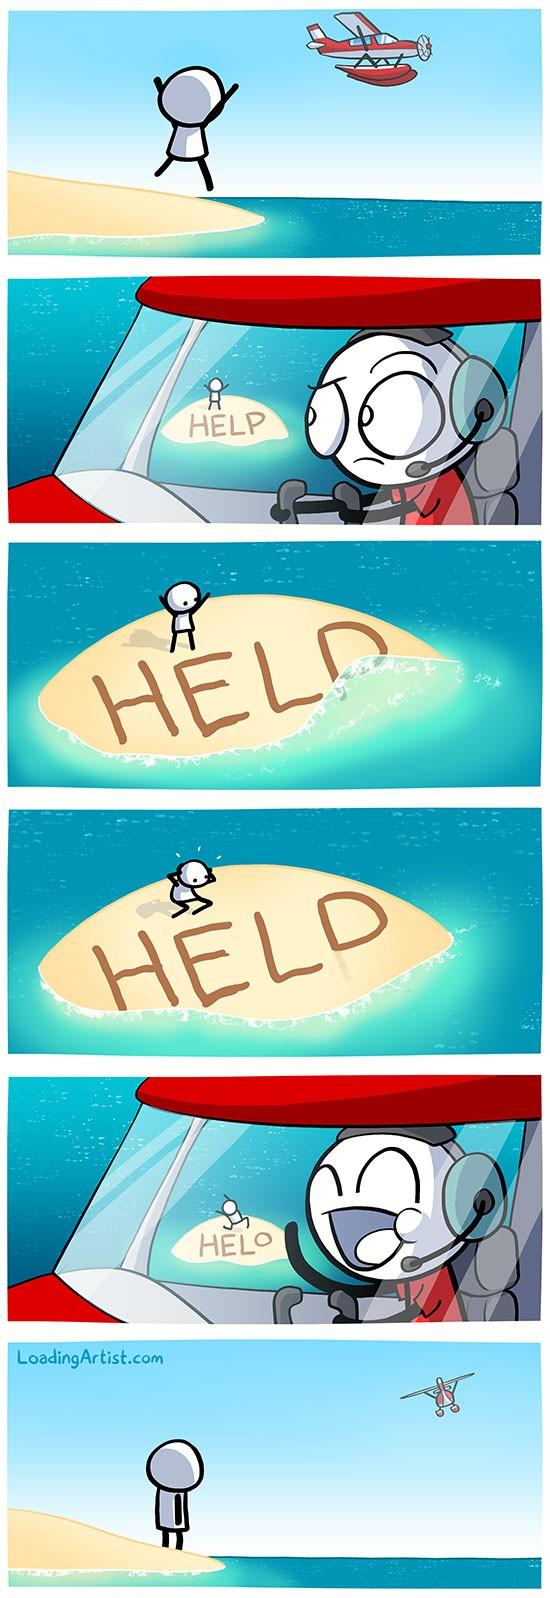 О, привет!